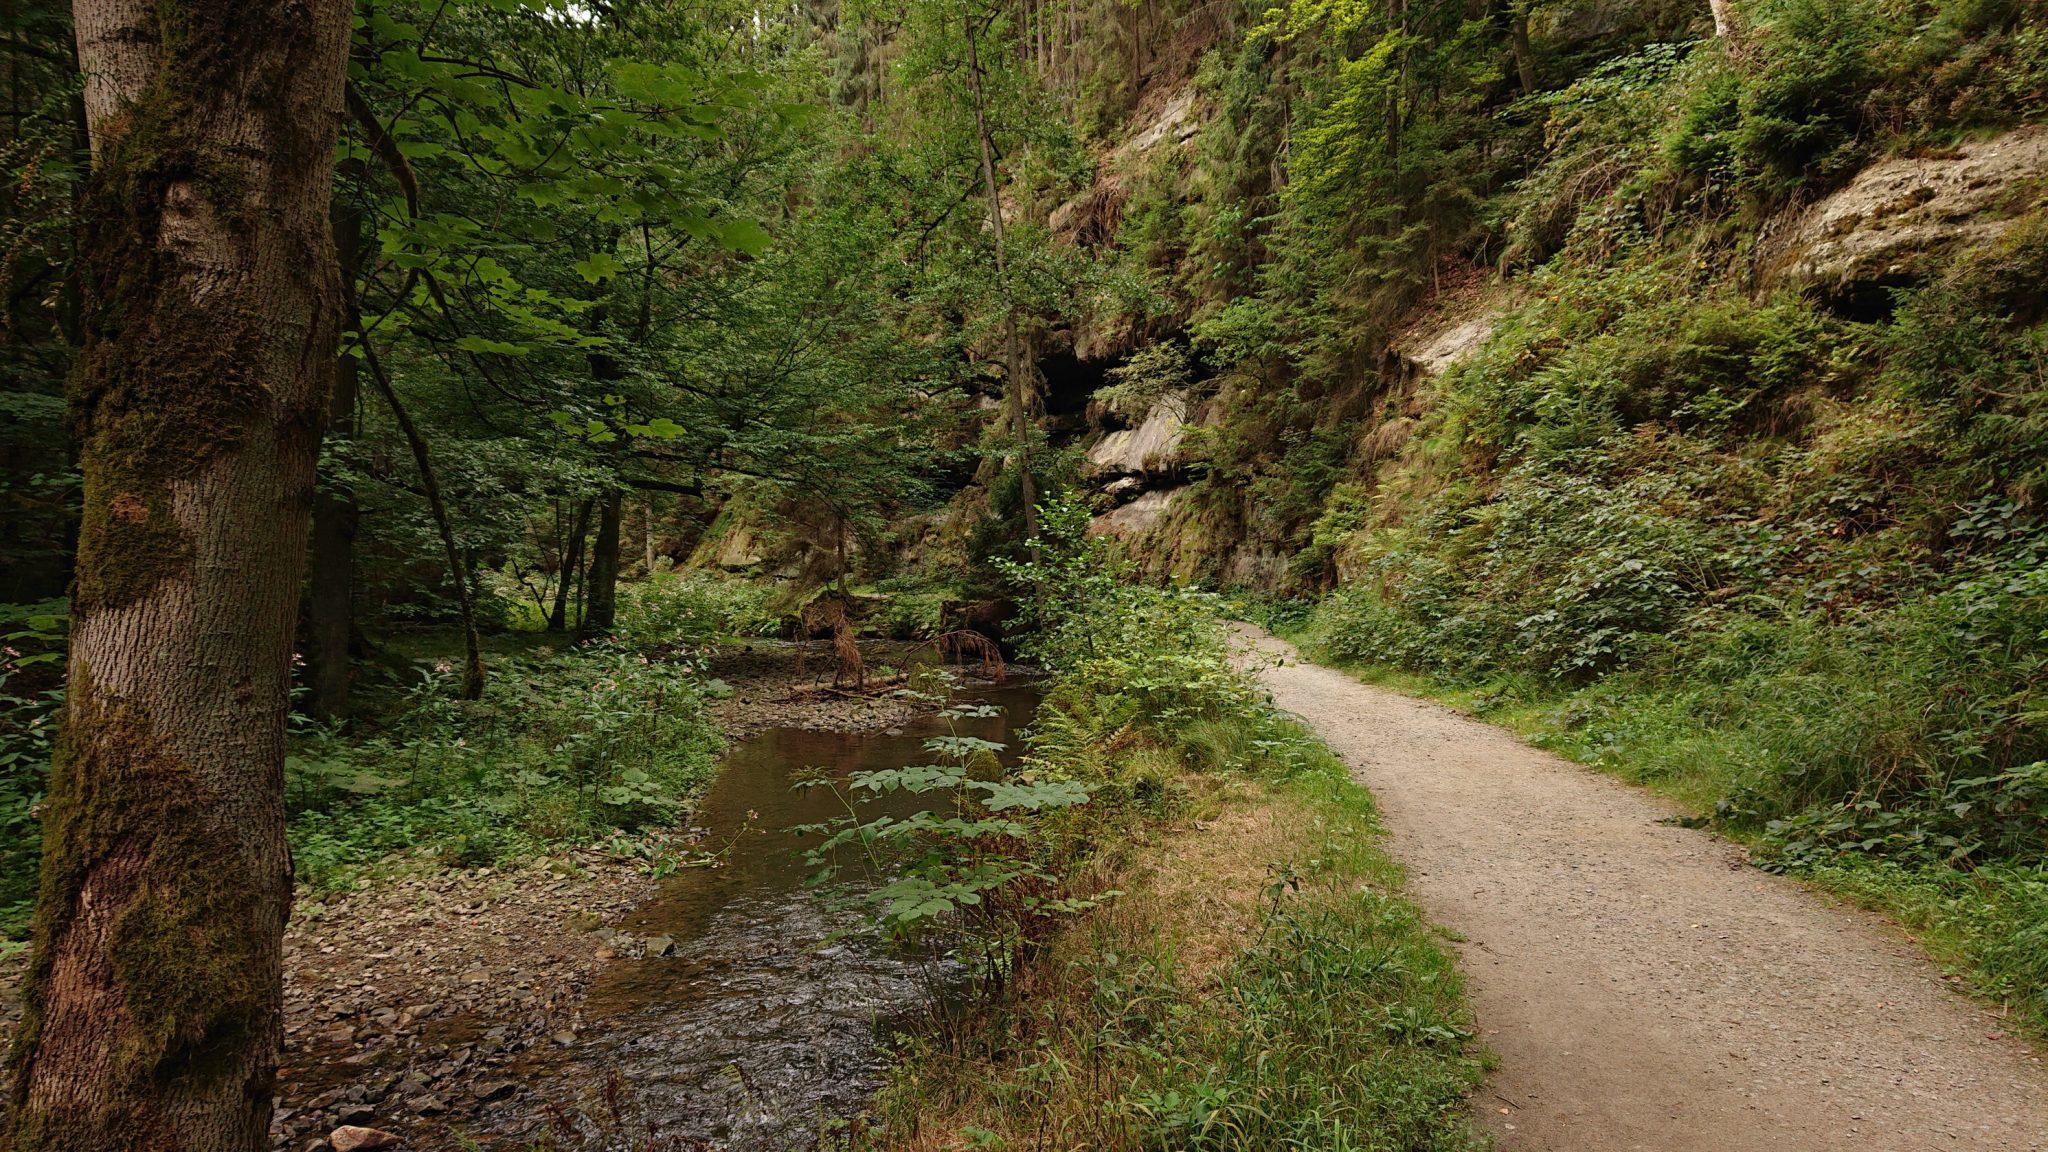 Wanderung durch Polenztal zur Bastei und zu Schwedenlöcher, Wanderweg im Polenztal, saftig grüner Wald, Weg neben Fluß Polenz